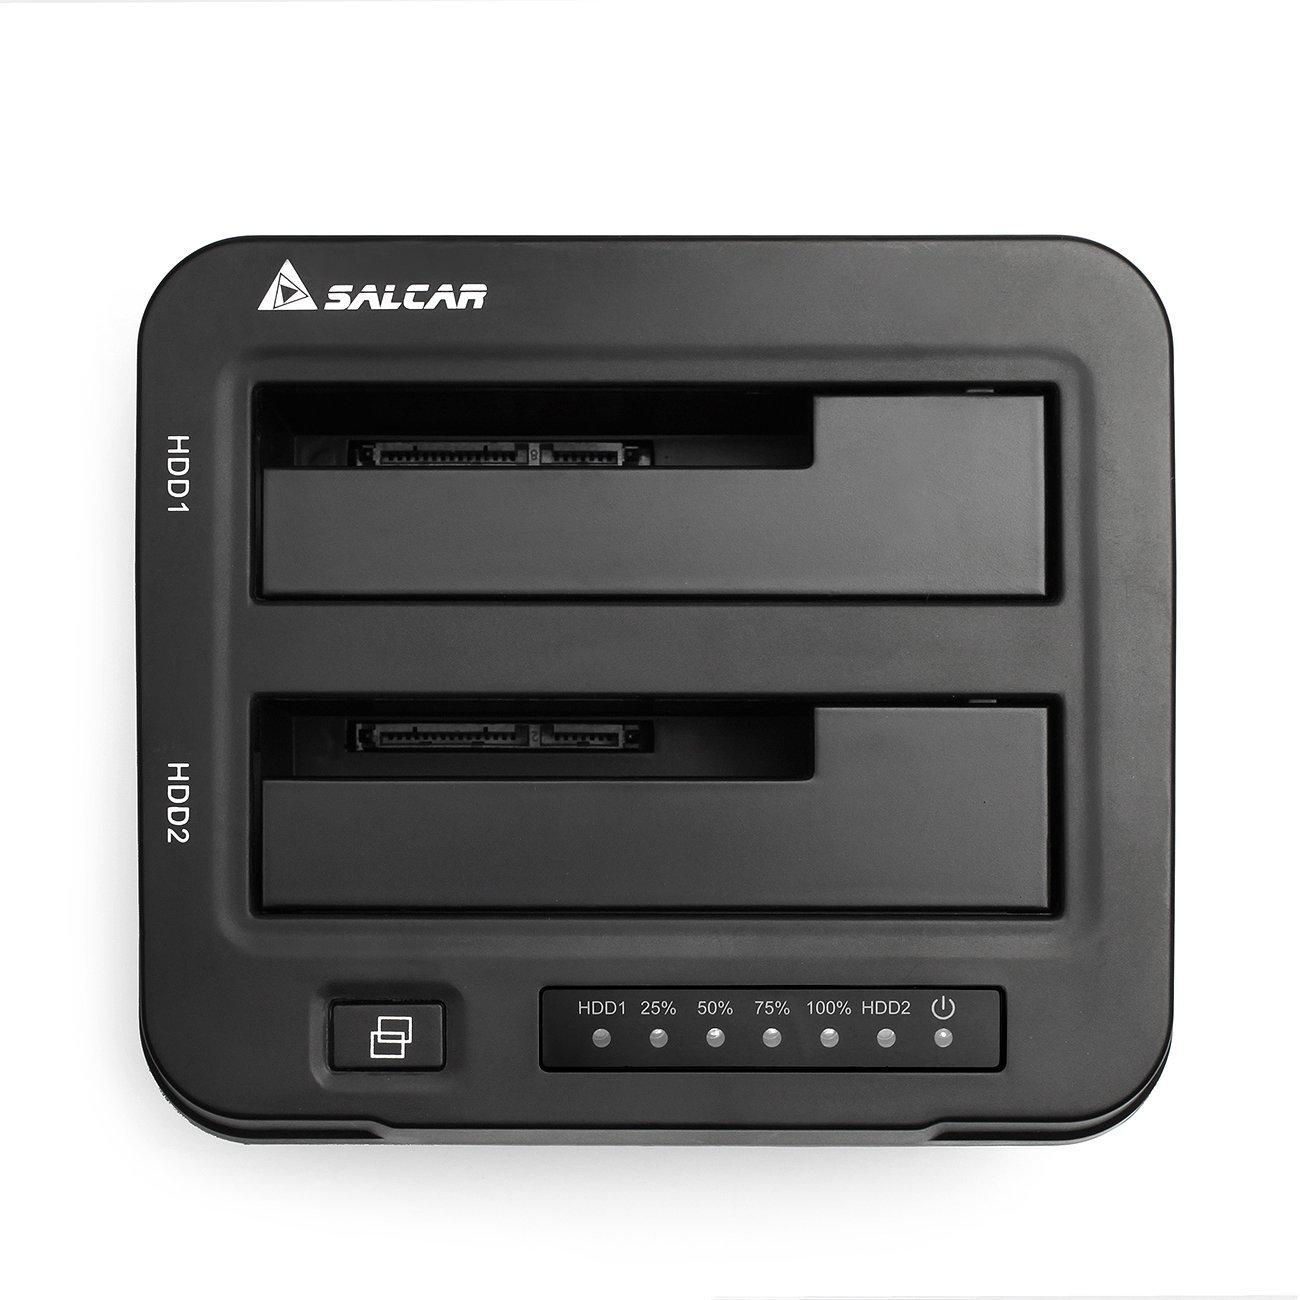 SALCAR Base de conexión Docking Station Aluminium USB 3.0 con función de clon Offline y 2 bahias (Plata): Amazon.es: Electrónica